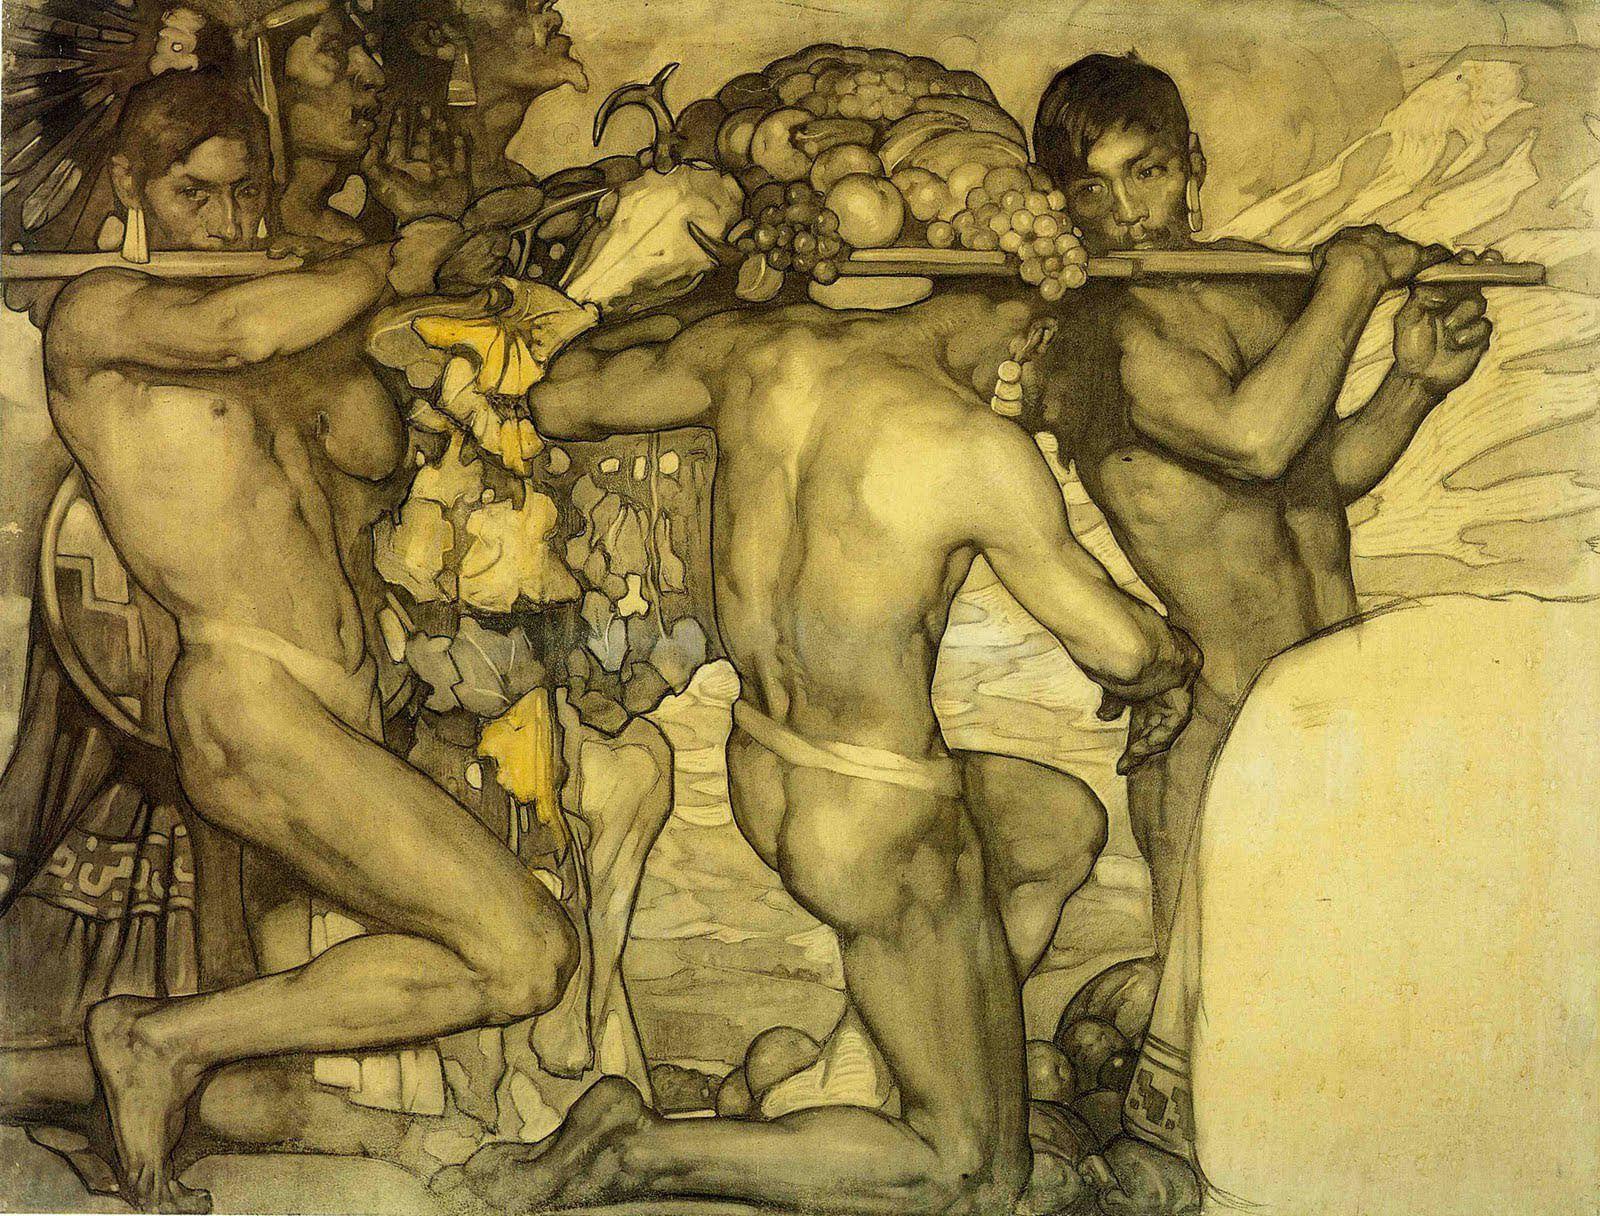 Gay ancient drawings